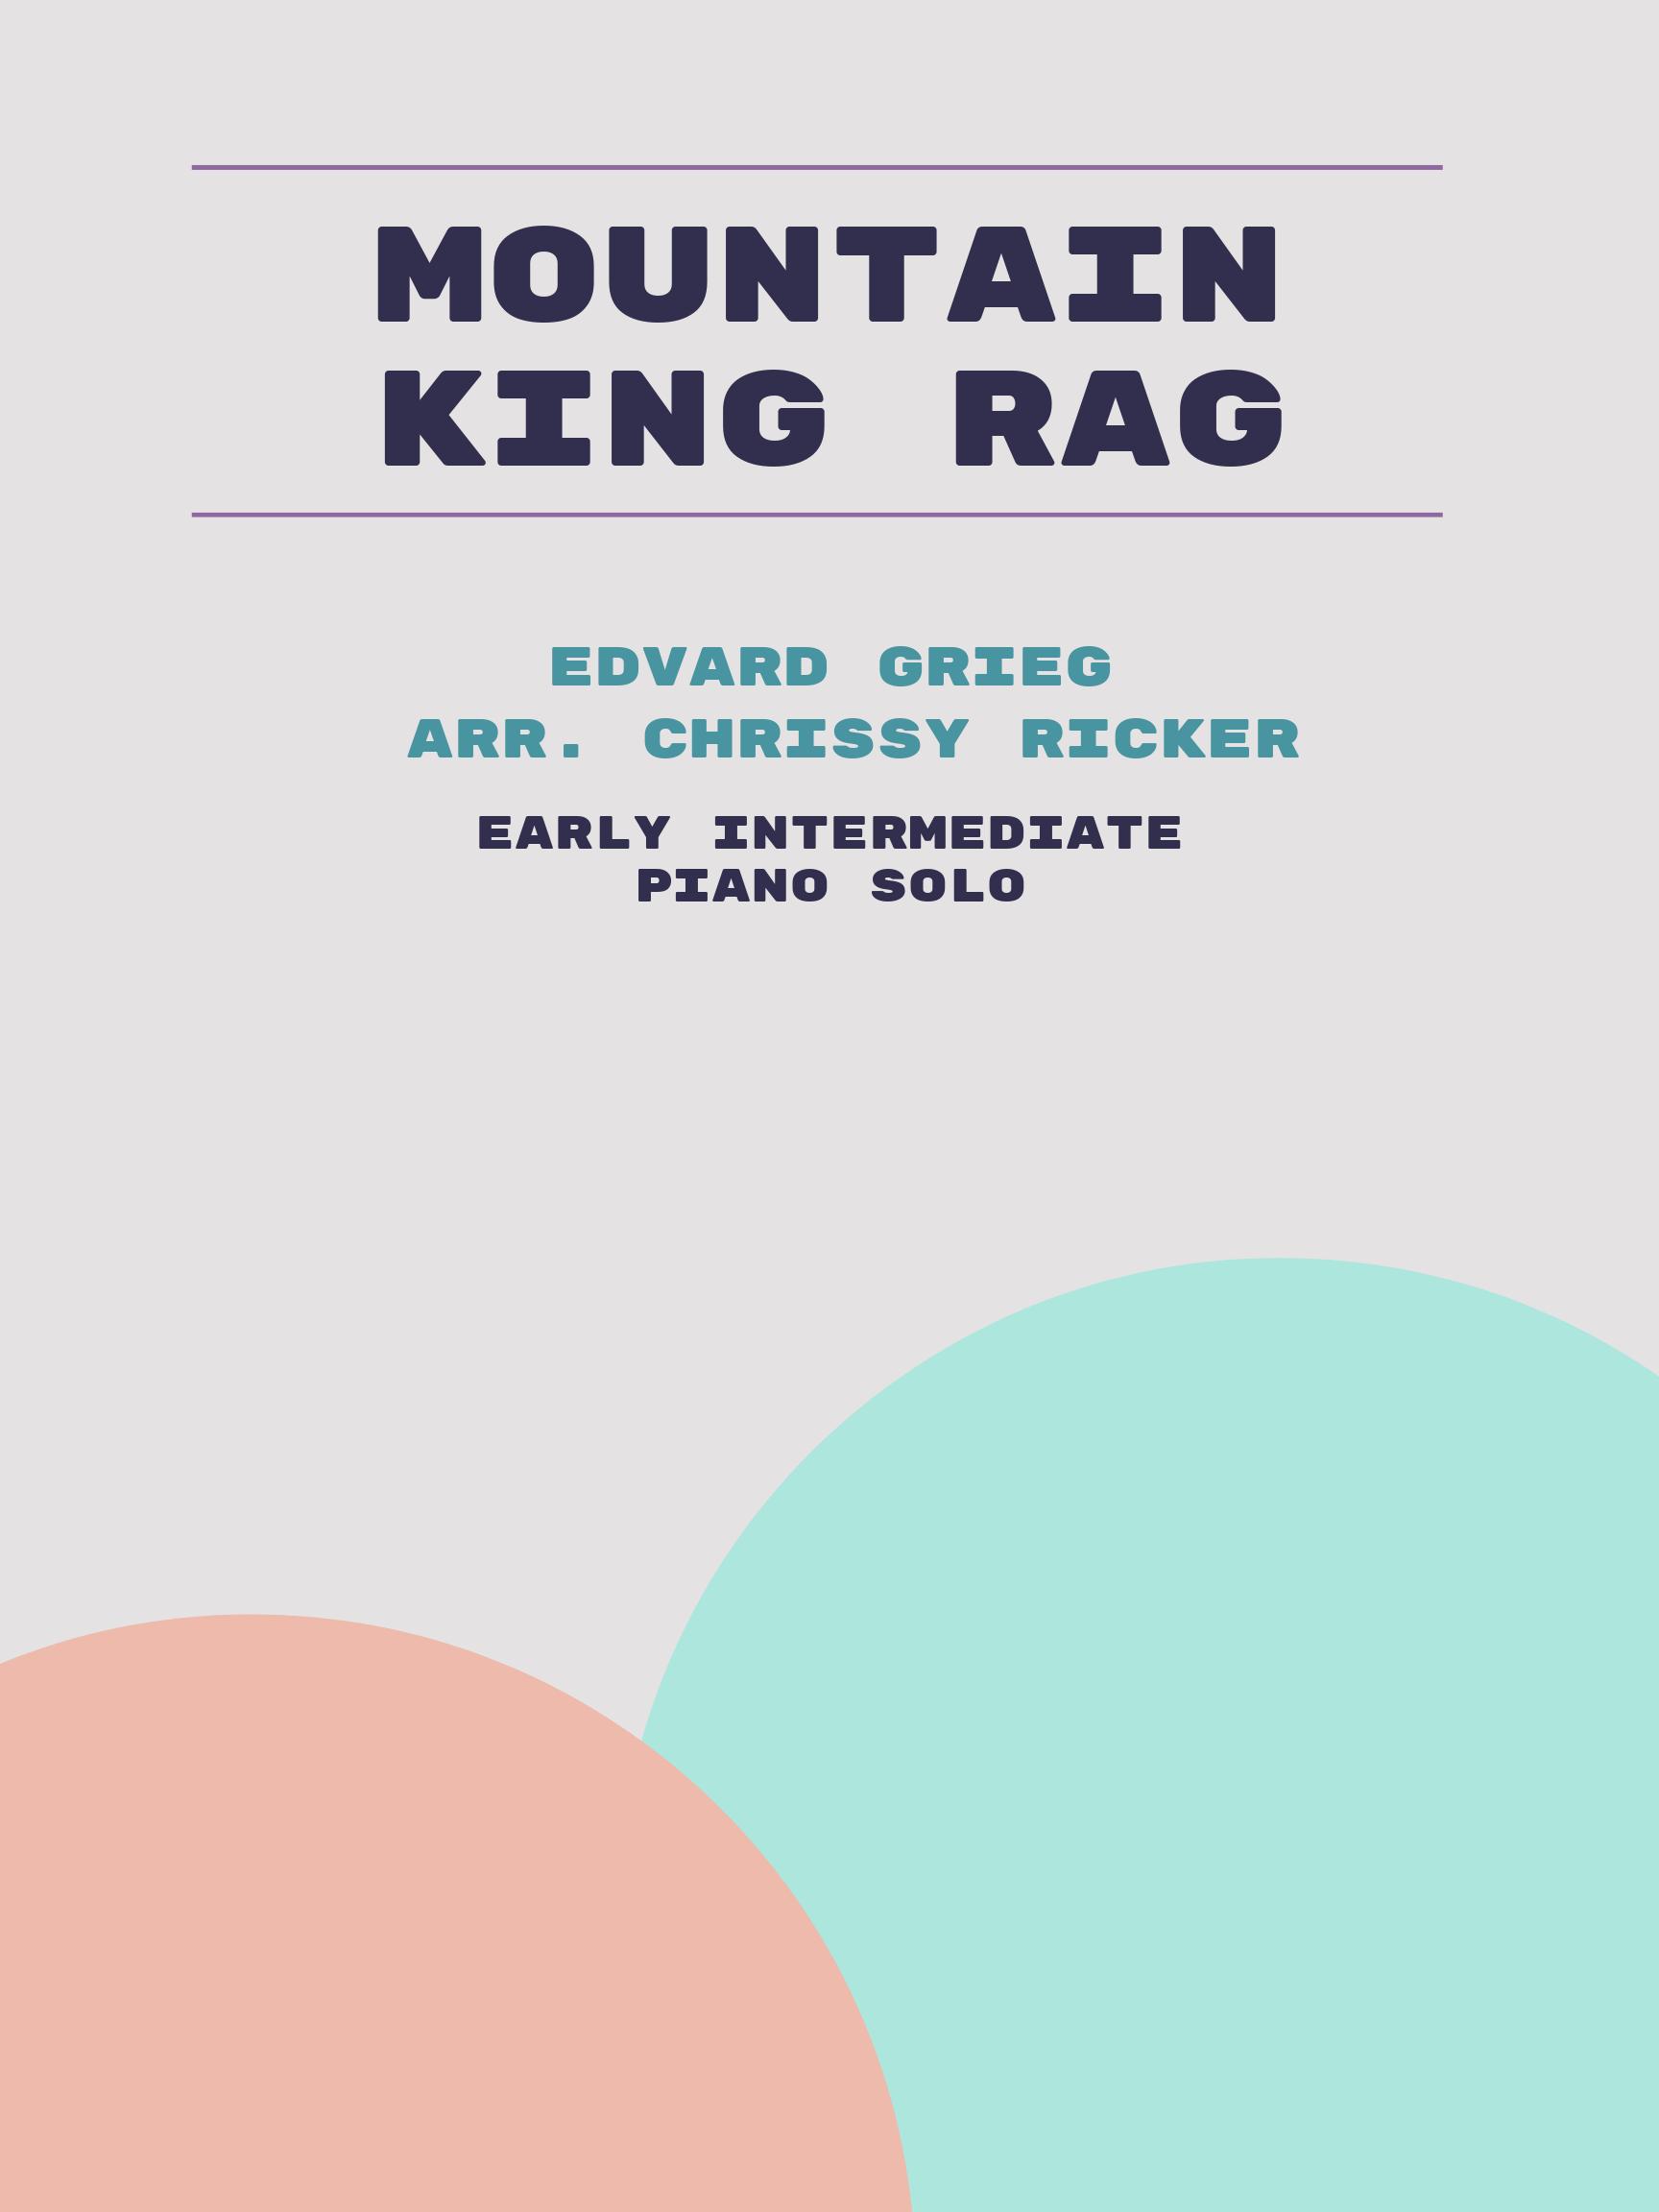 Mountain King Rag by Edvard Grieg